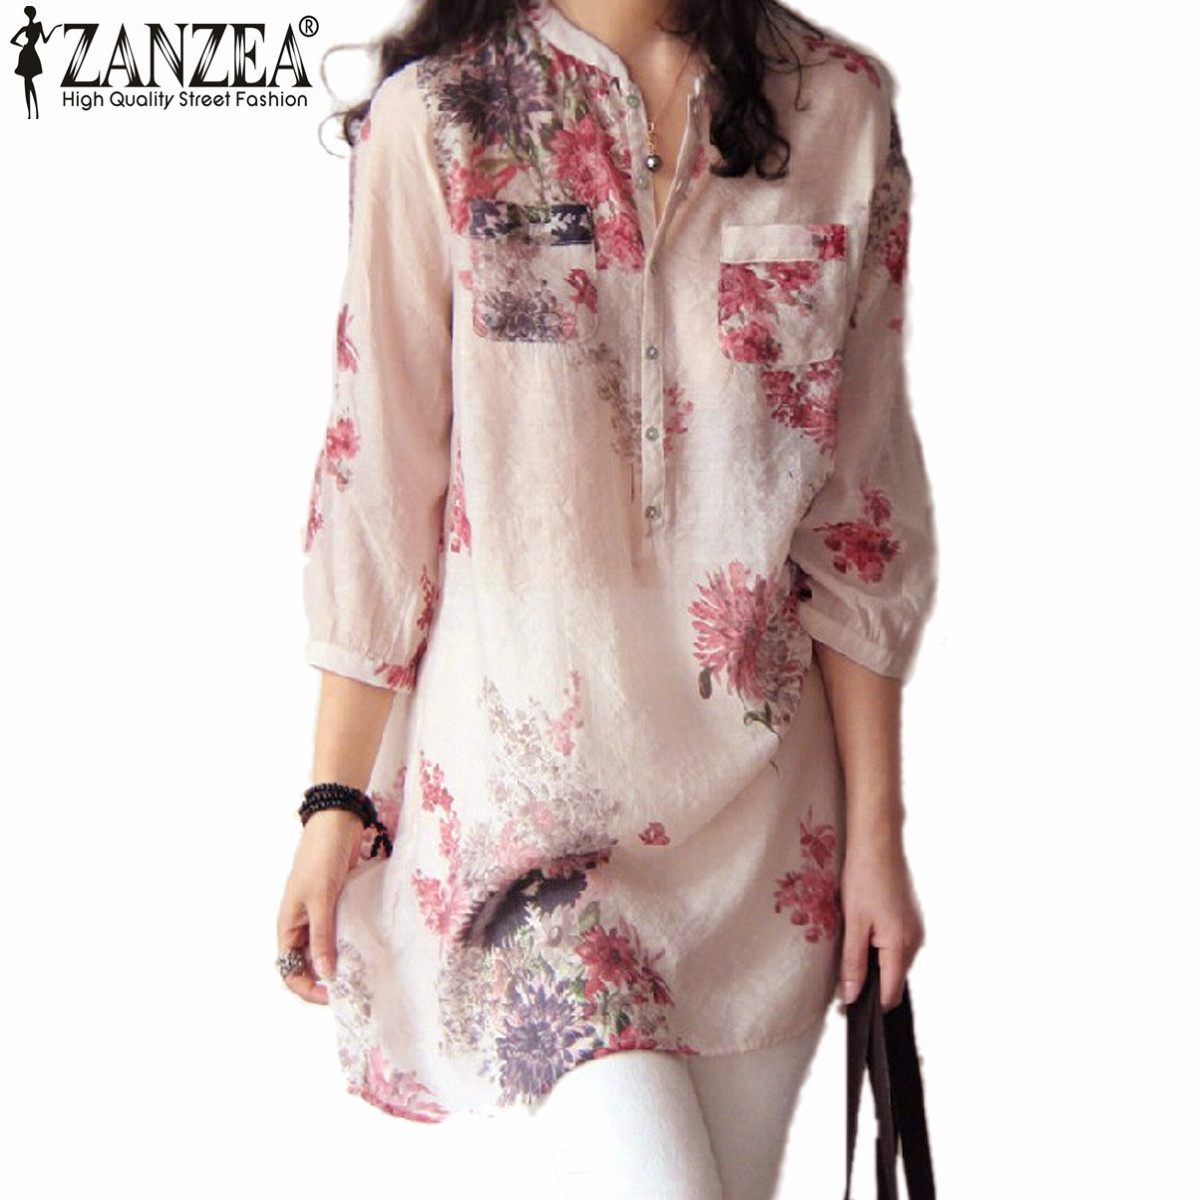 ZANZEA мода Blusas Femininas Лето 2017 г. Для женщин Блузки для малышек блузка Повседневное Цветочный принт Длинная блузка Футболка плюс Размеры 5xl